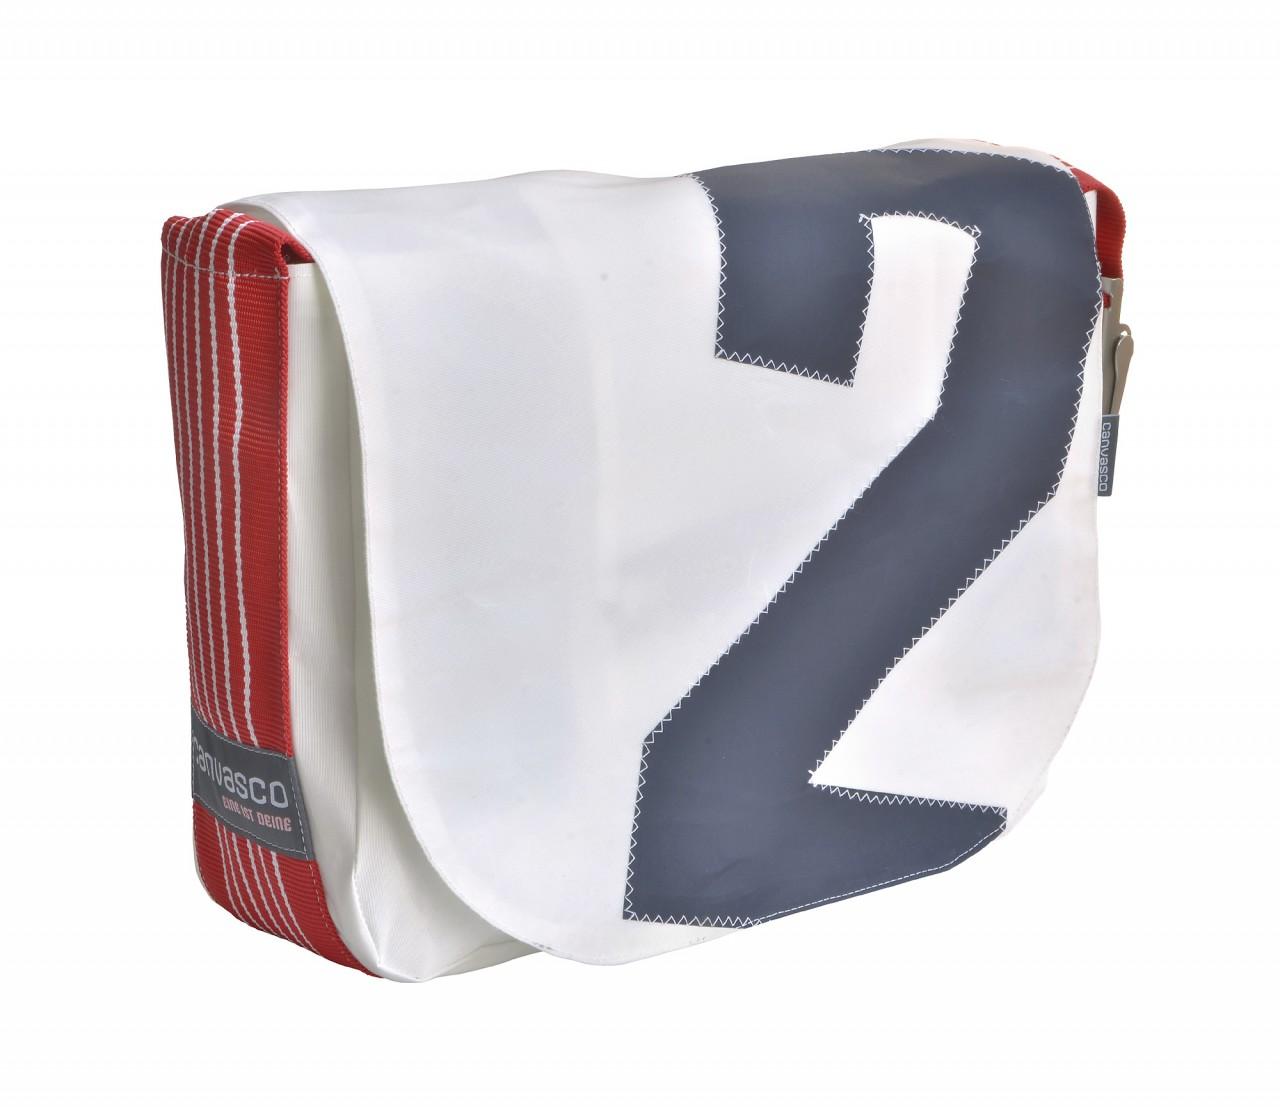 Canvasco Tasche S Zwei Segeltuchtasche